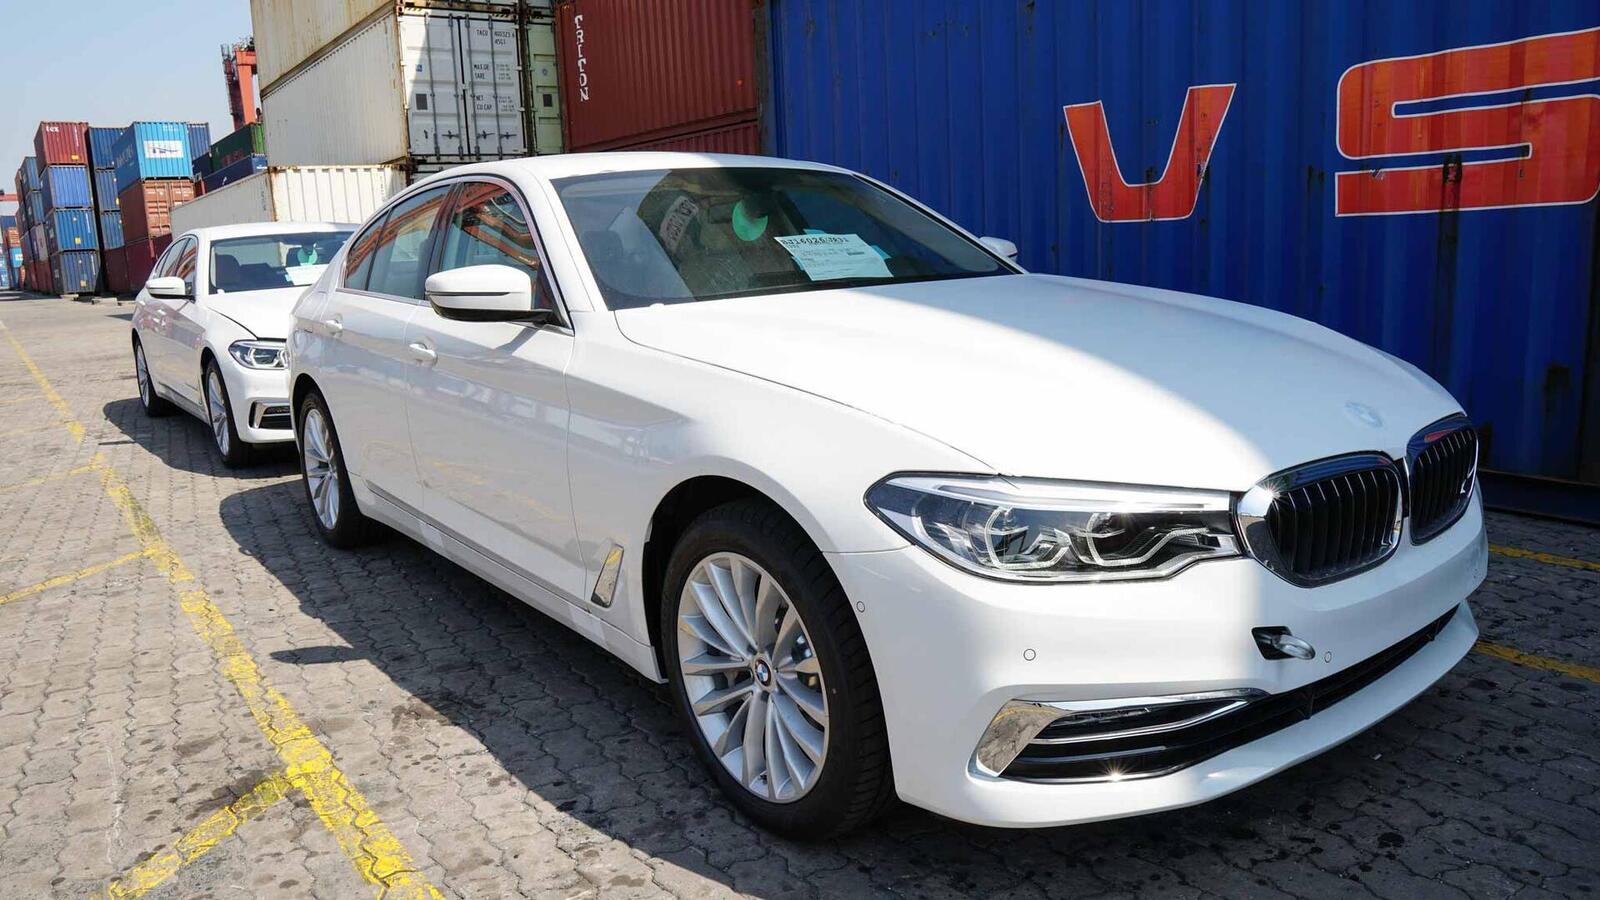 Cận cảnh BMW 5-Series mới (G30) vừa cập cảng tại Việt Nam - Hình 1